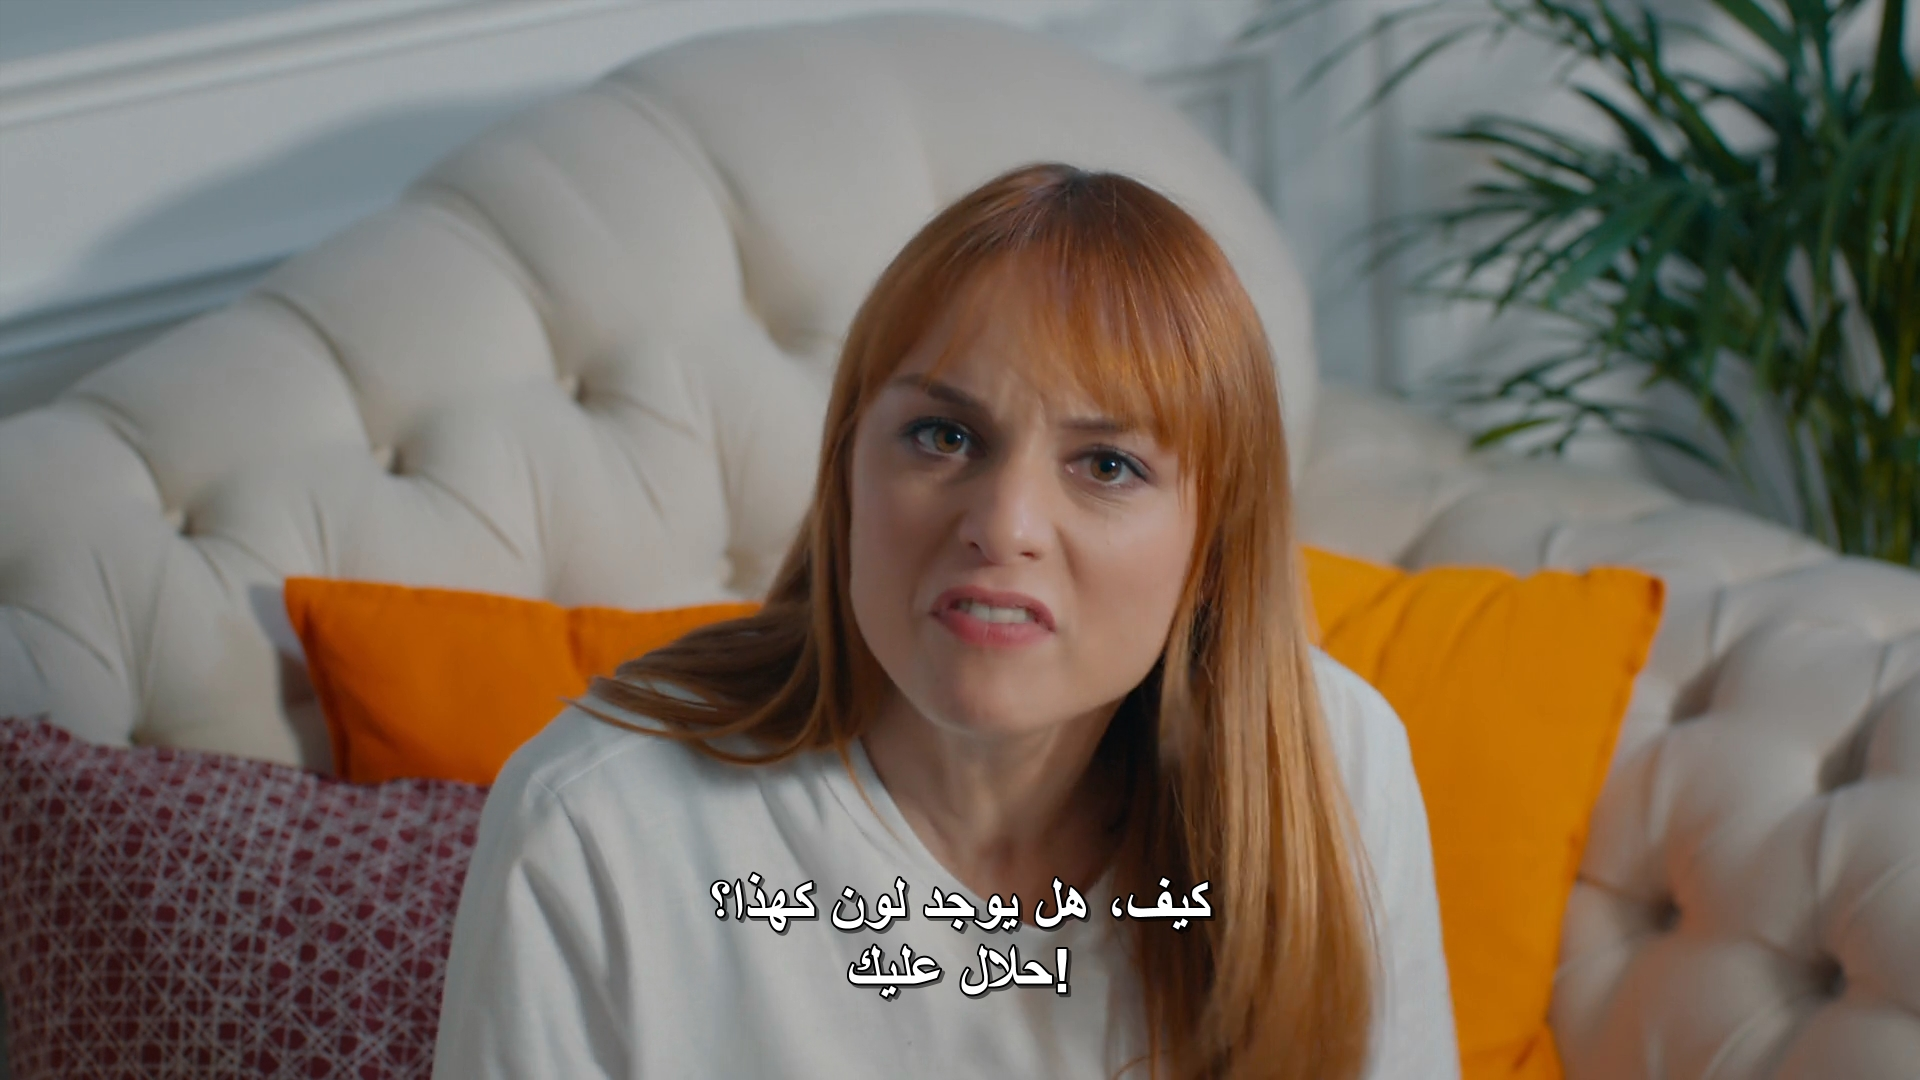 المسلسل التركي القصير نفس الشيء [م1 م2 م3][2019][مترجم][WEB DL][BLUTV][1080p] تحميل تورنت 15 arabp2p.com